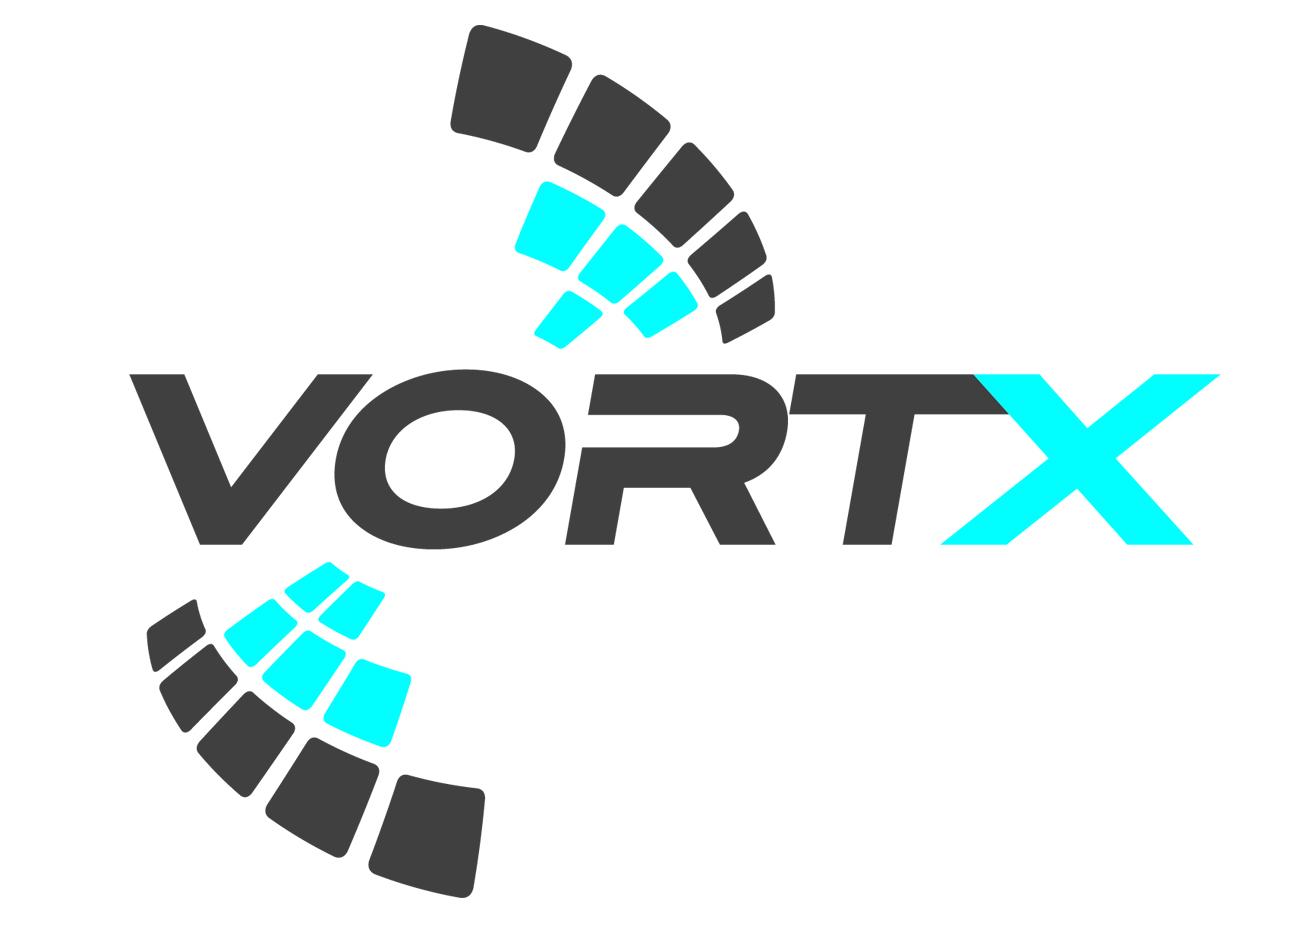 vortx logo